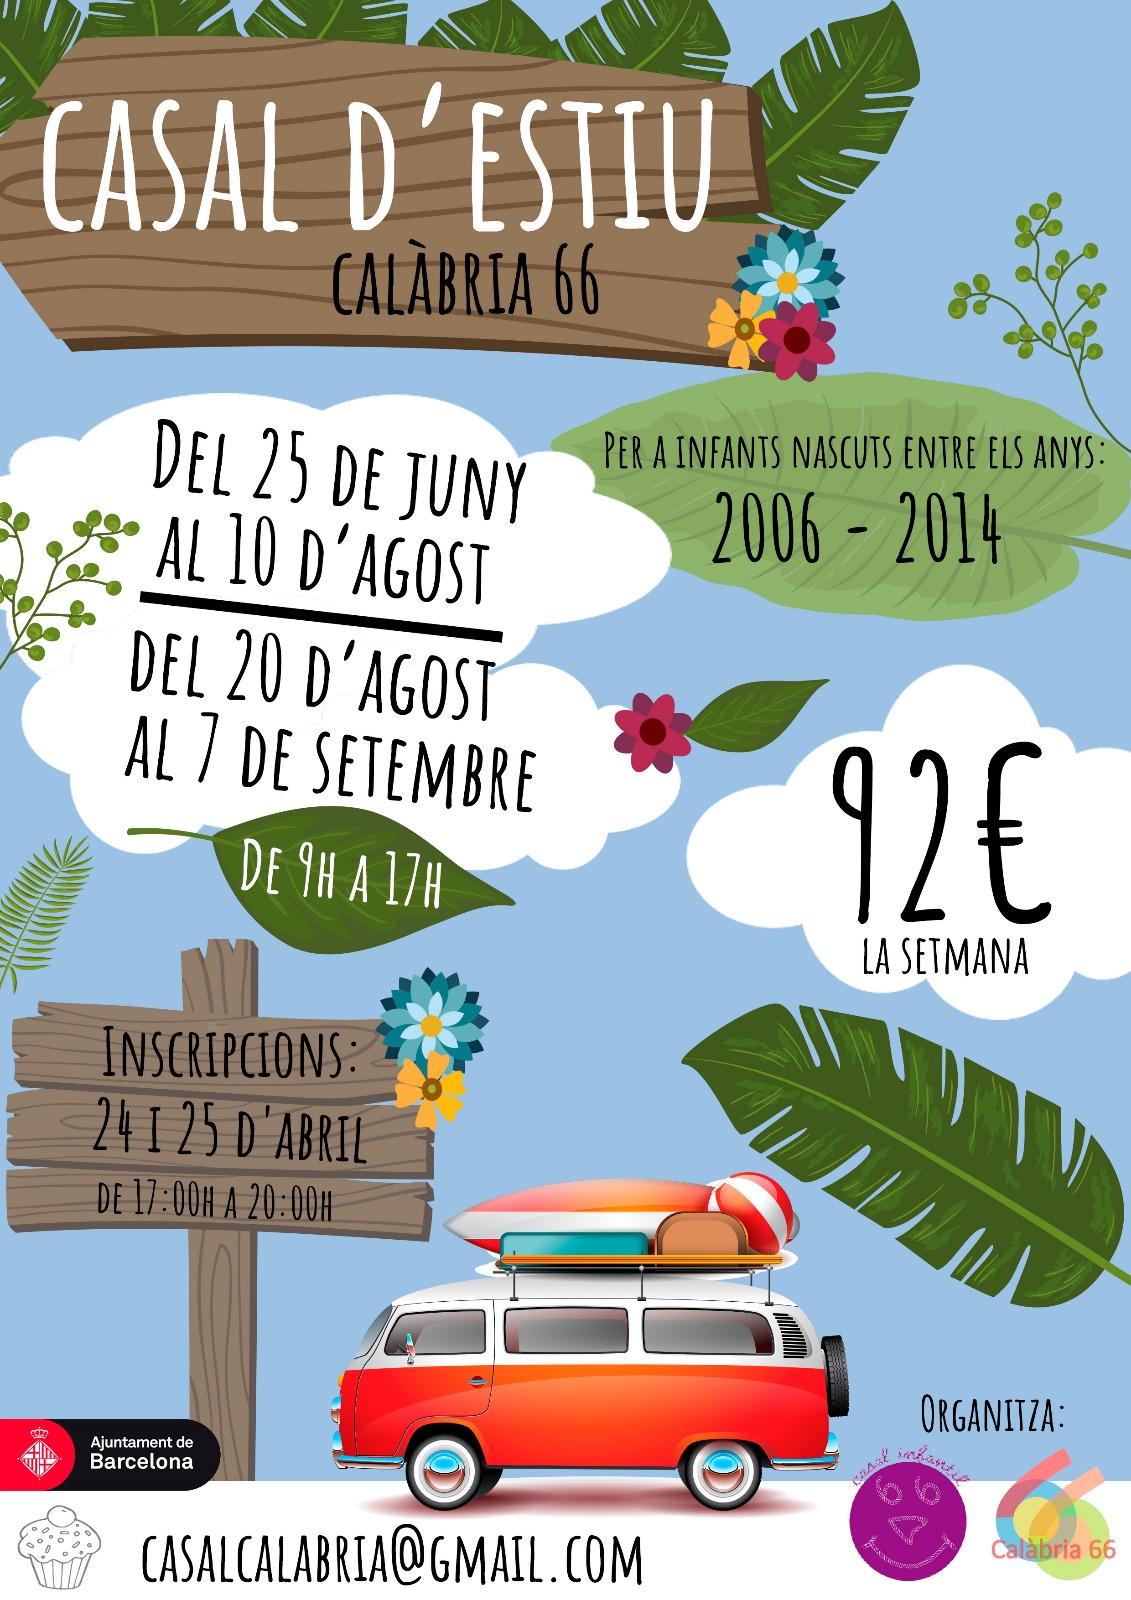 Casal d'Estiu Calàbria66